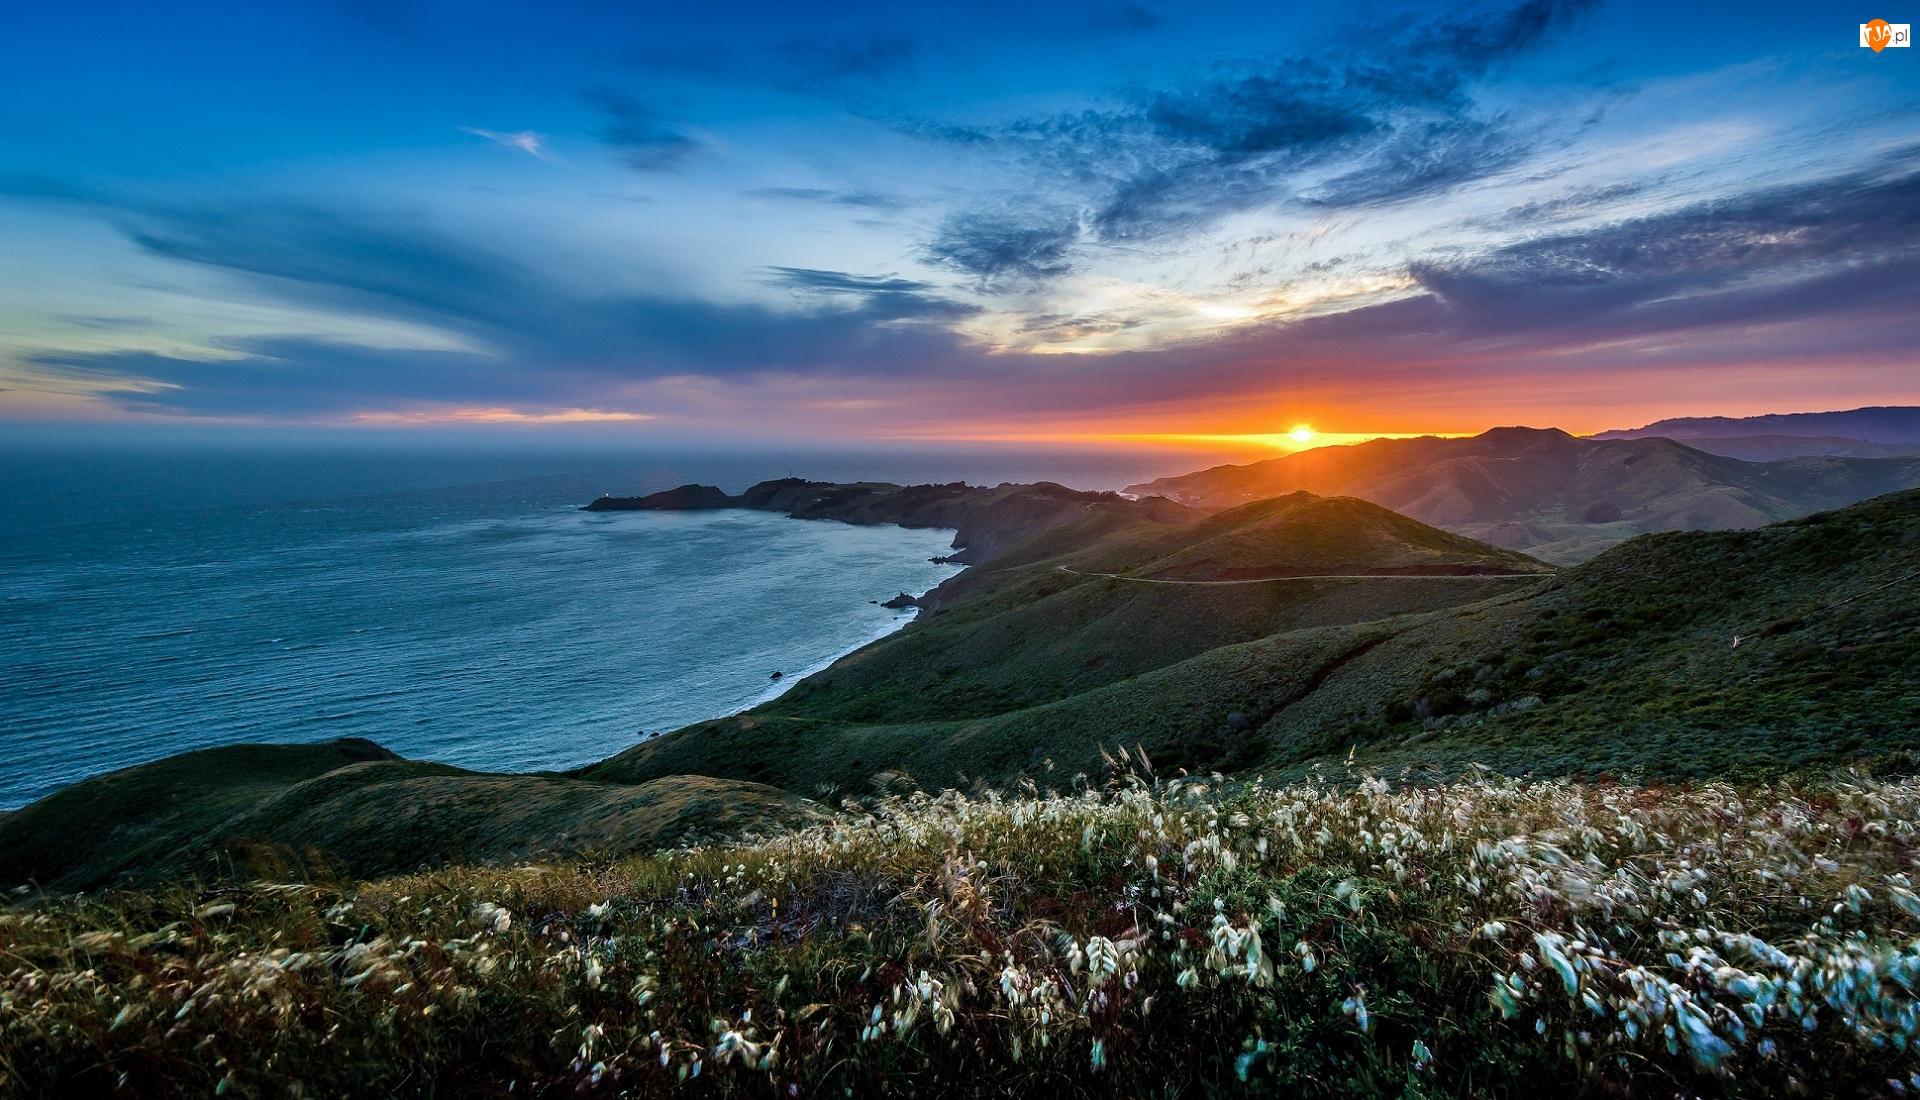 Chmury, Roślinność, Ocean, Wzgórza, Kalifornia, Stany Zjednoczone, Półwysep Marin Headlands, Sausalito, Wybrzeże, Zachód słońca